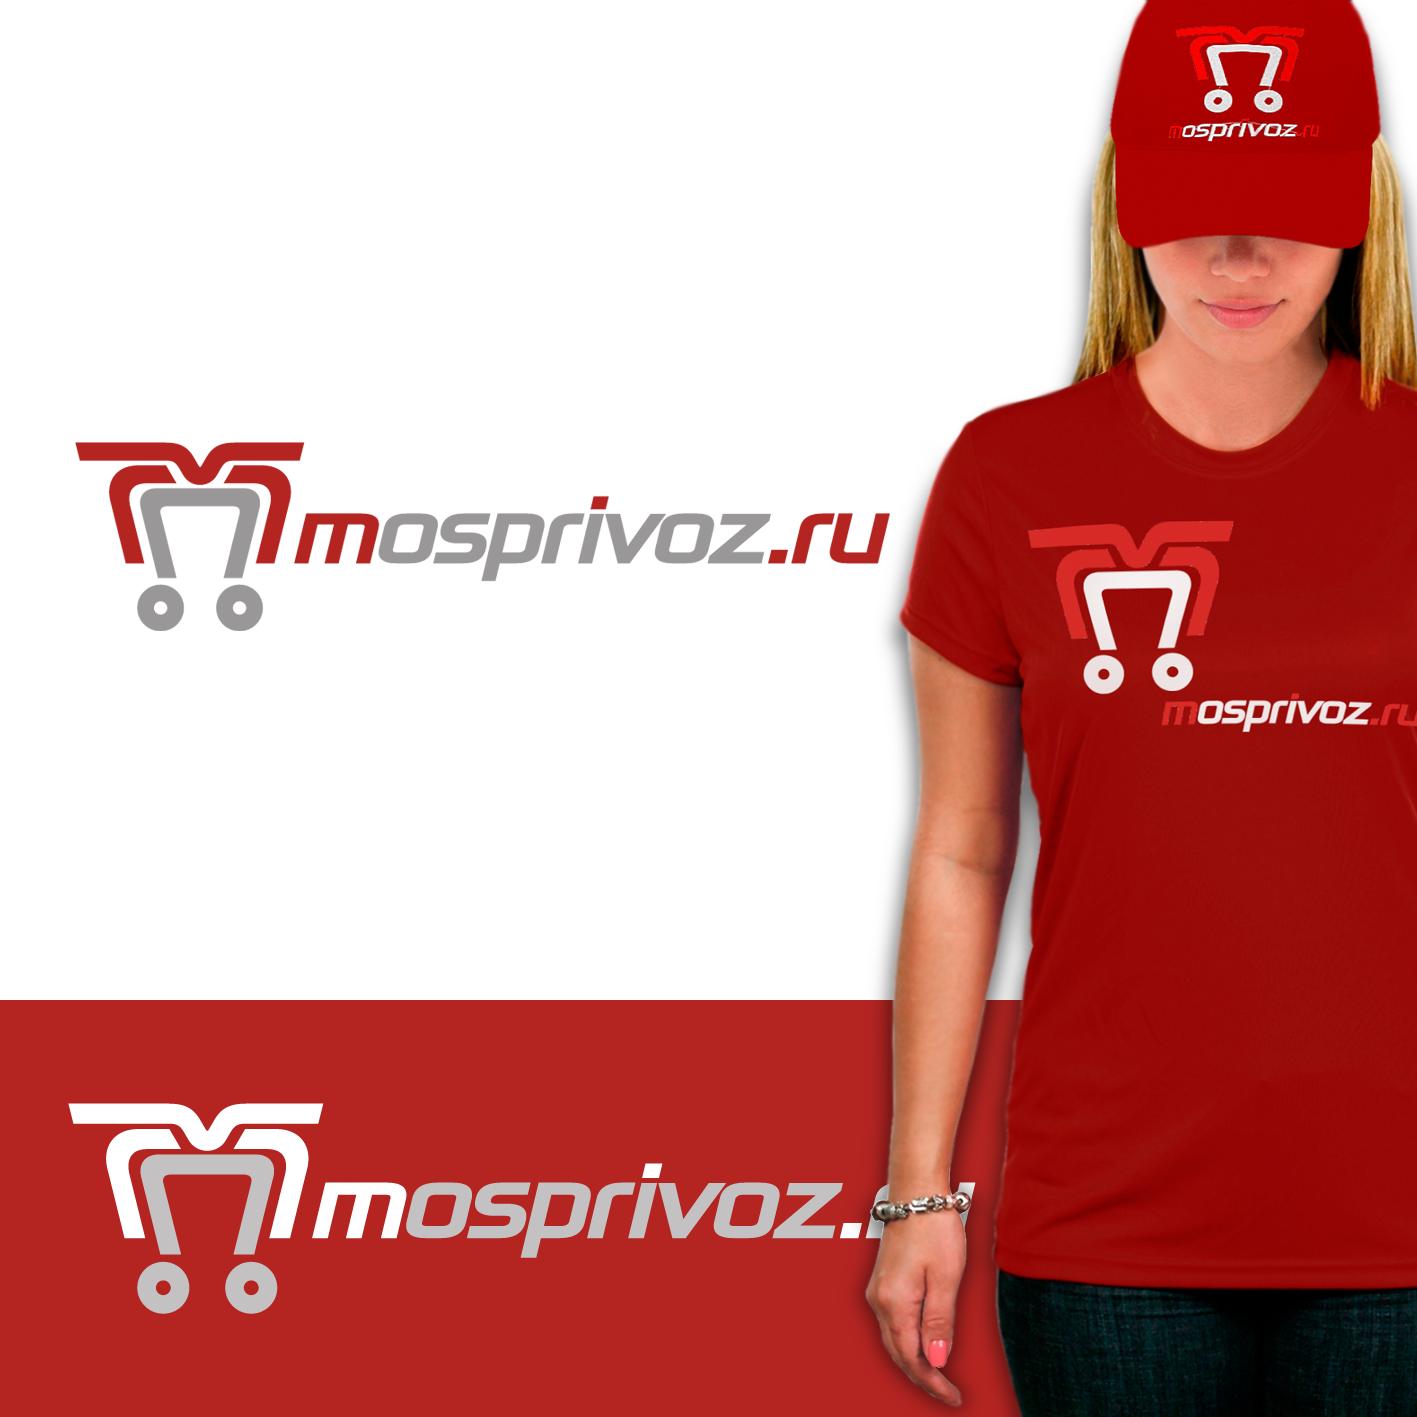 Логотип. Интернет - магазин по доставке продуктов питания. фото f_1365ad23a7dc8e88.png